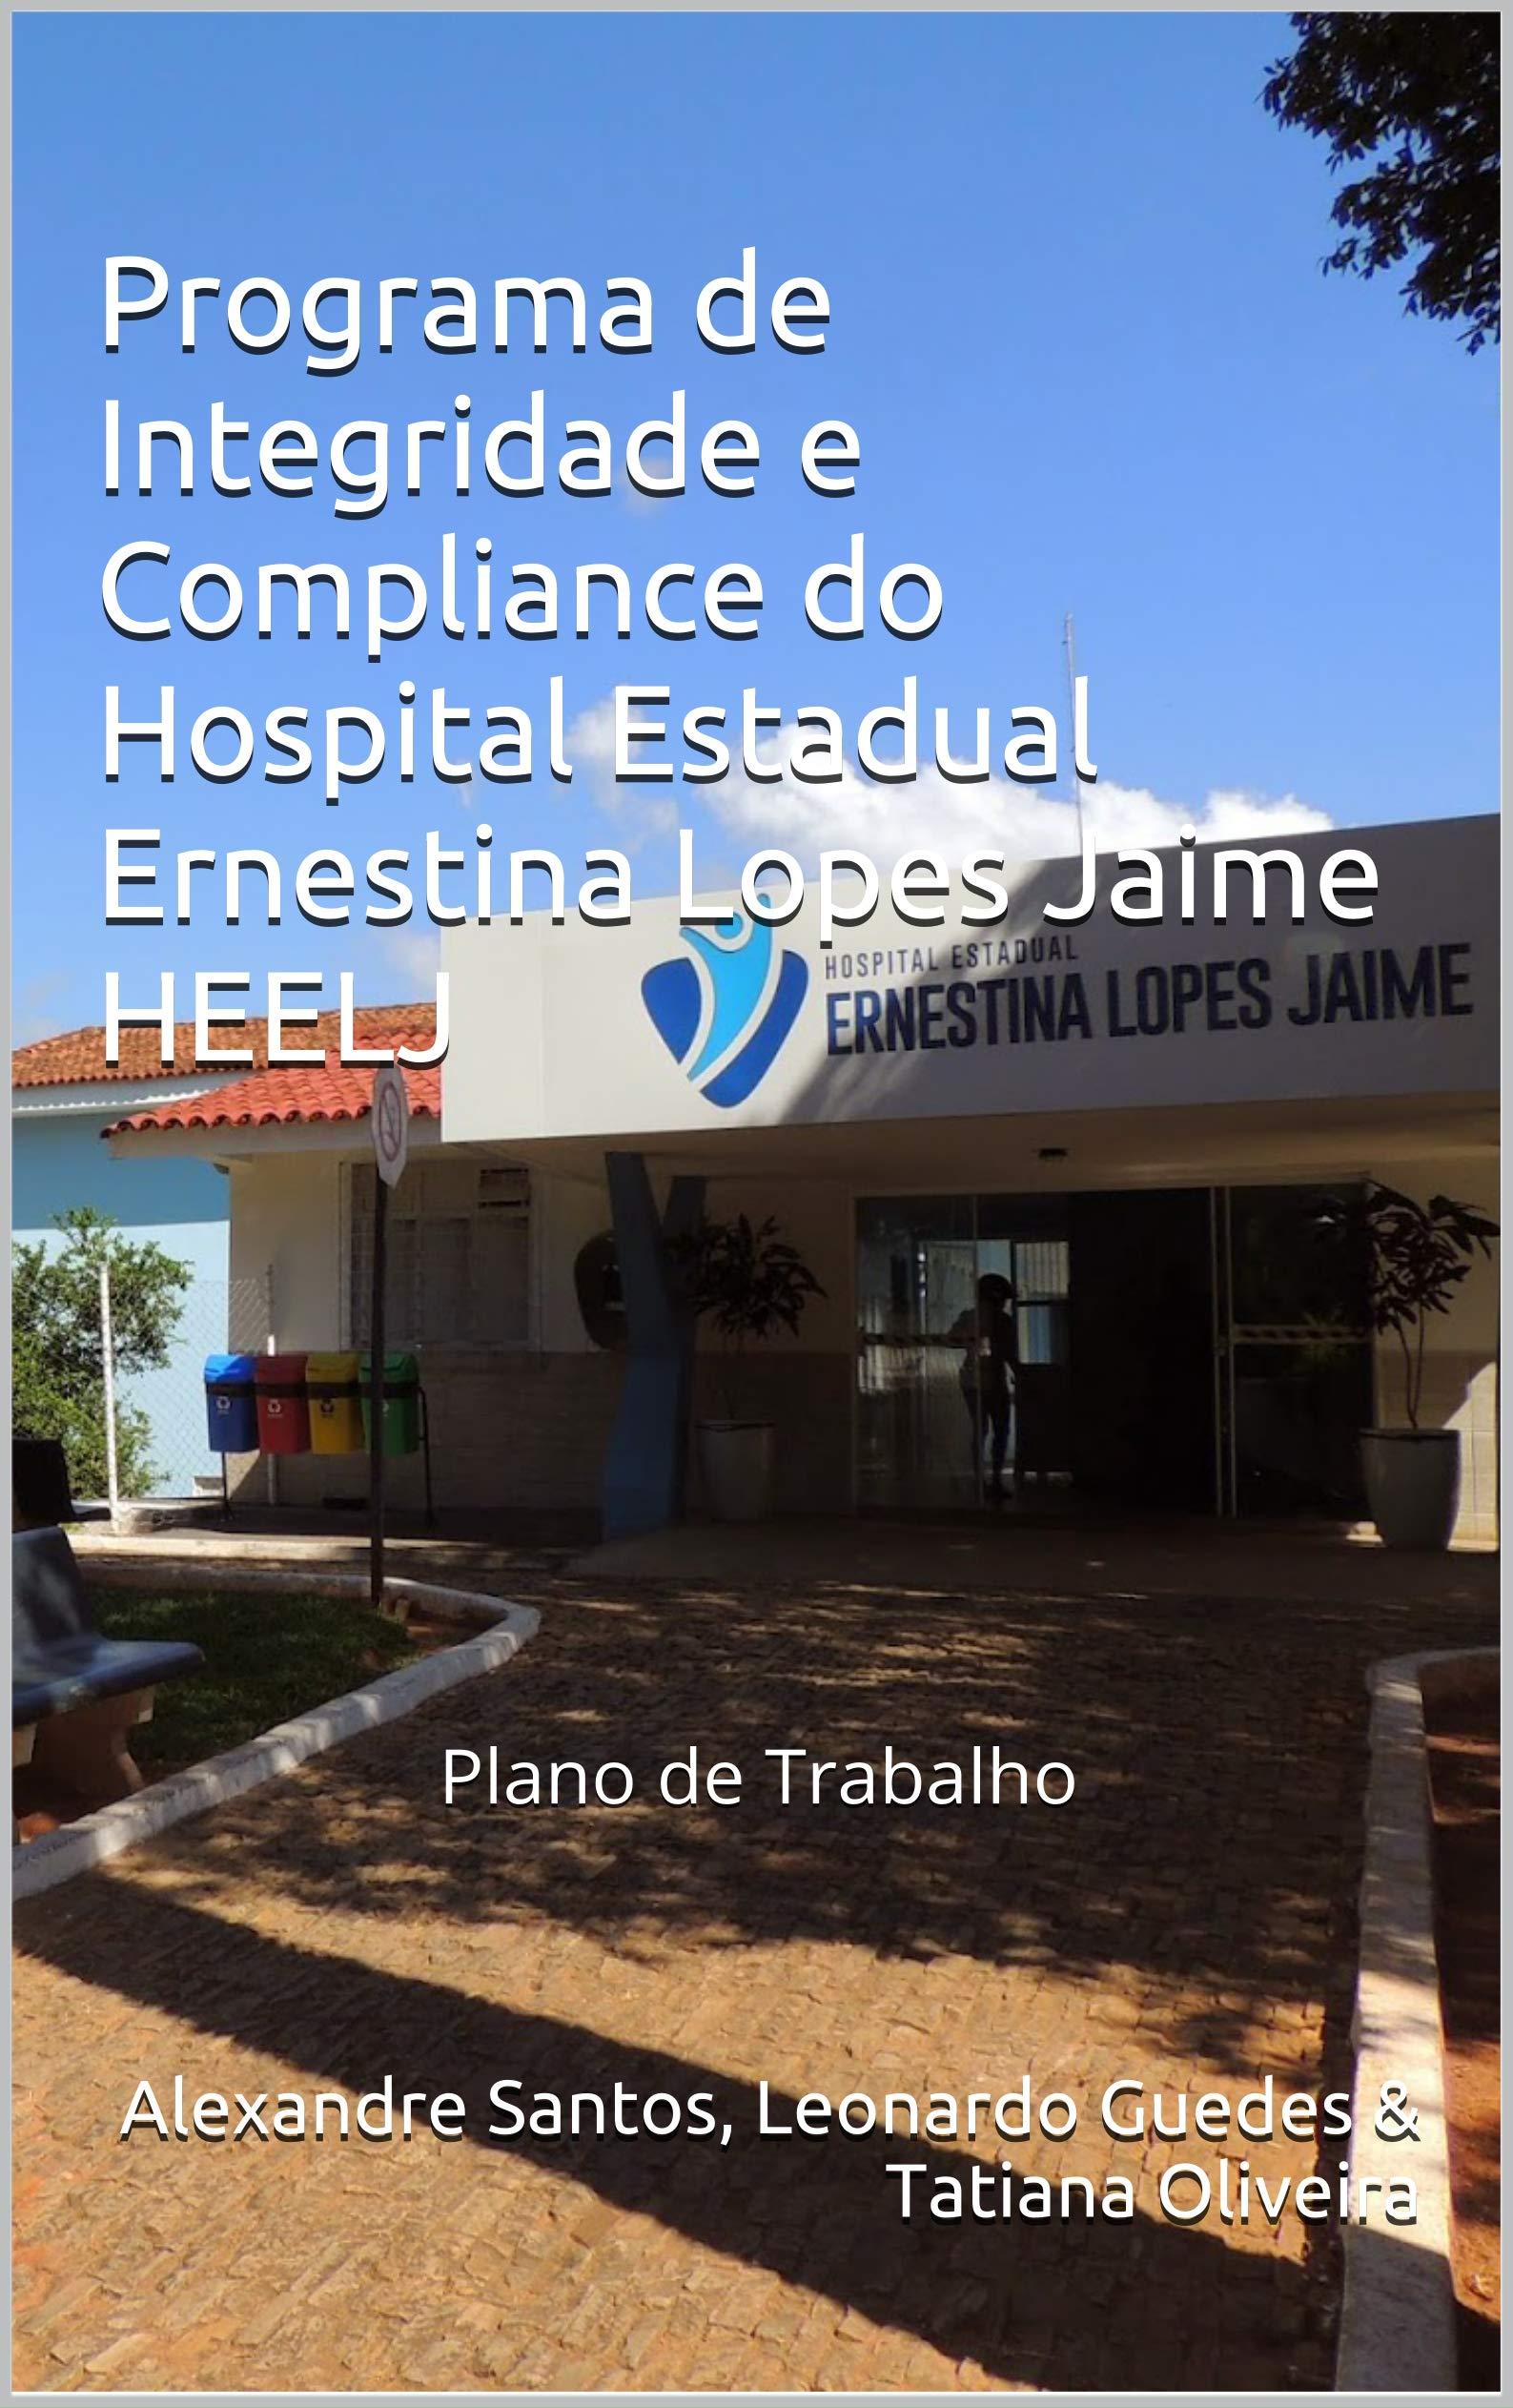 Programa de Integridade e Compliance do Hospital Estadual Ernestina Lopes Jaime HEELJ: Plano de Trabalho (Portuguese Edition)